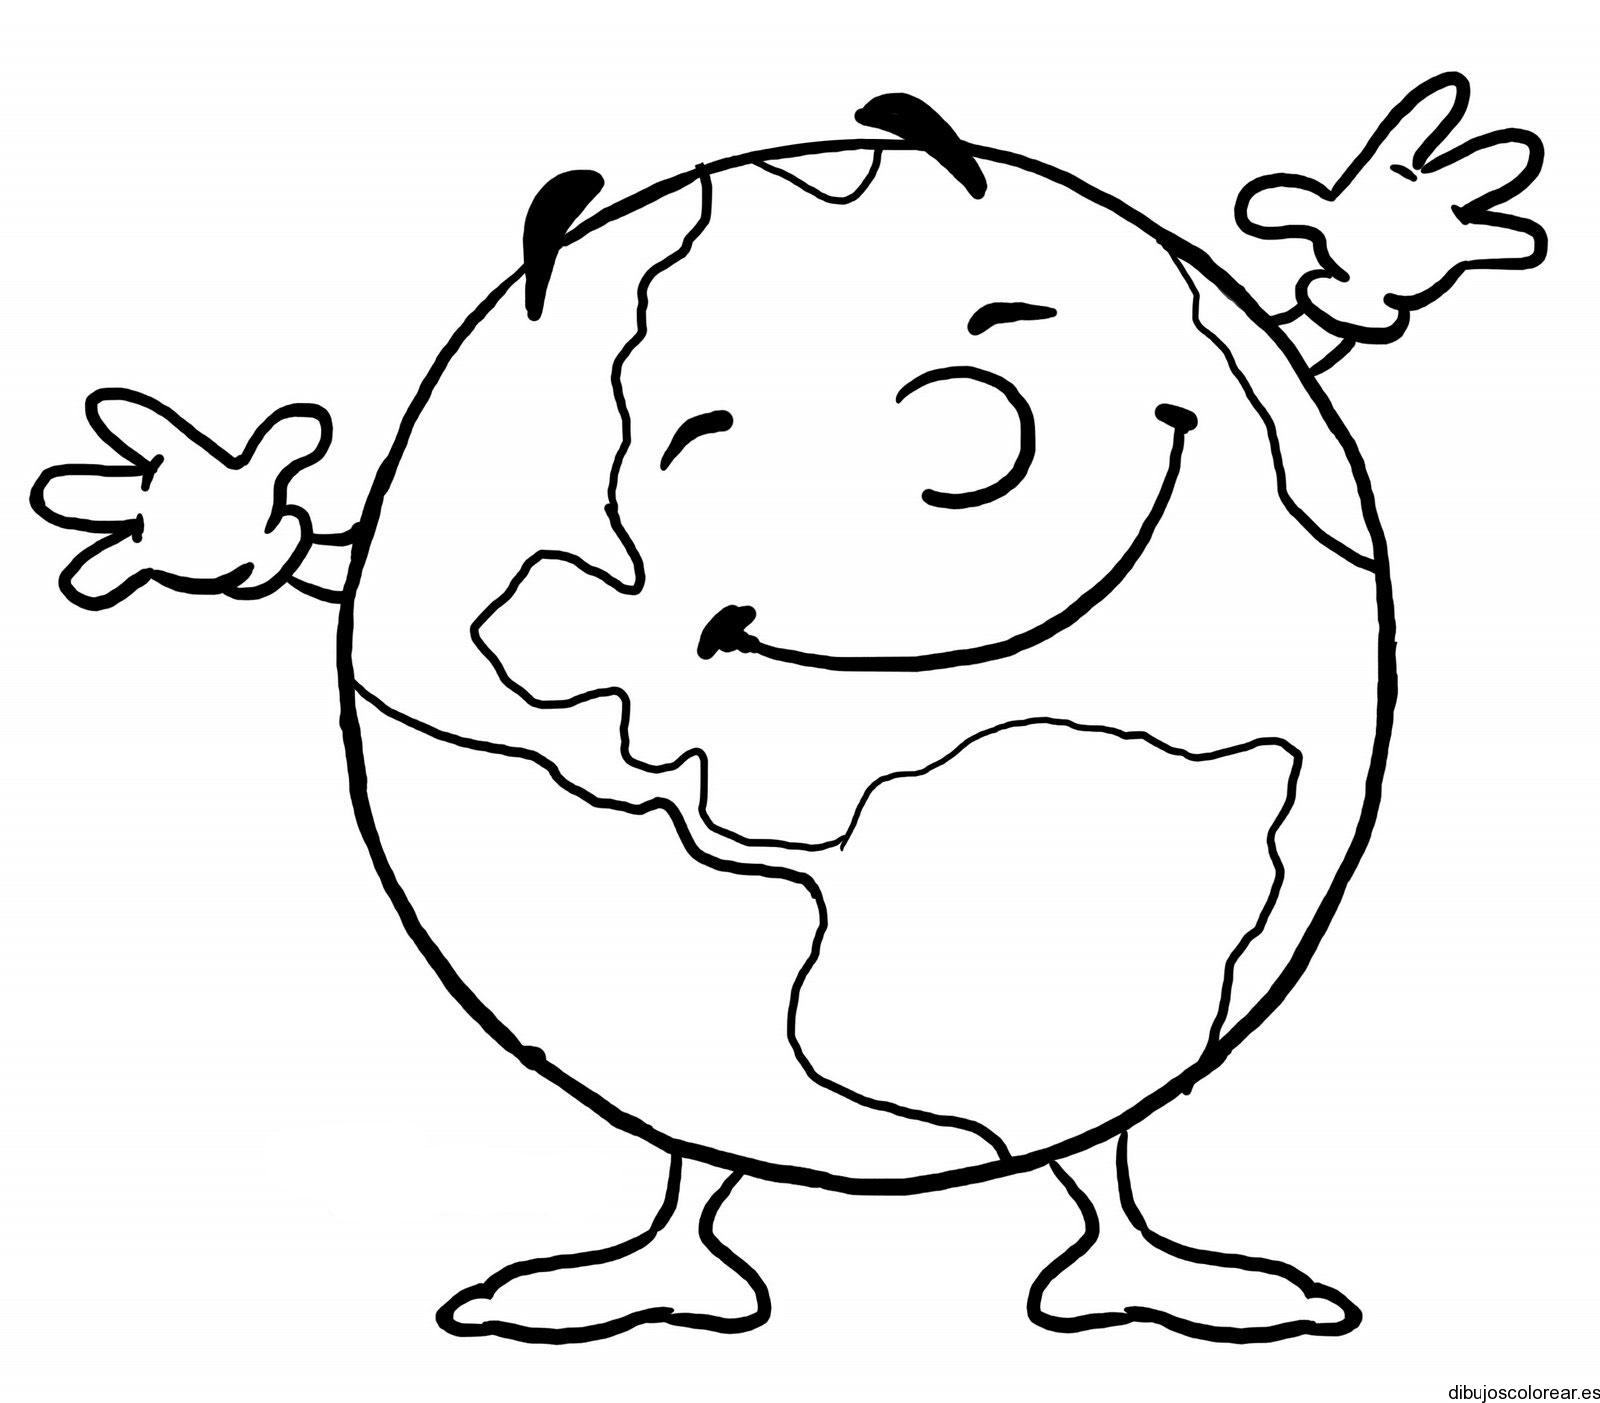 Dibujo el mundo sonríe | Dibujos para Colorear